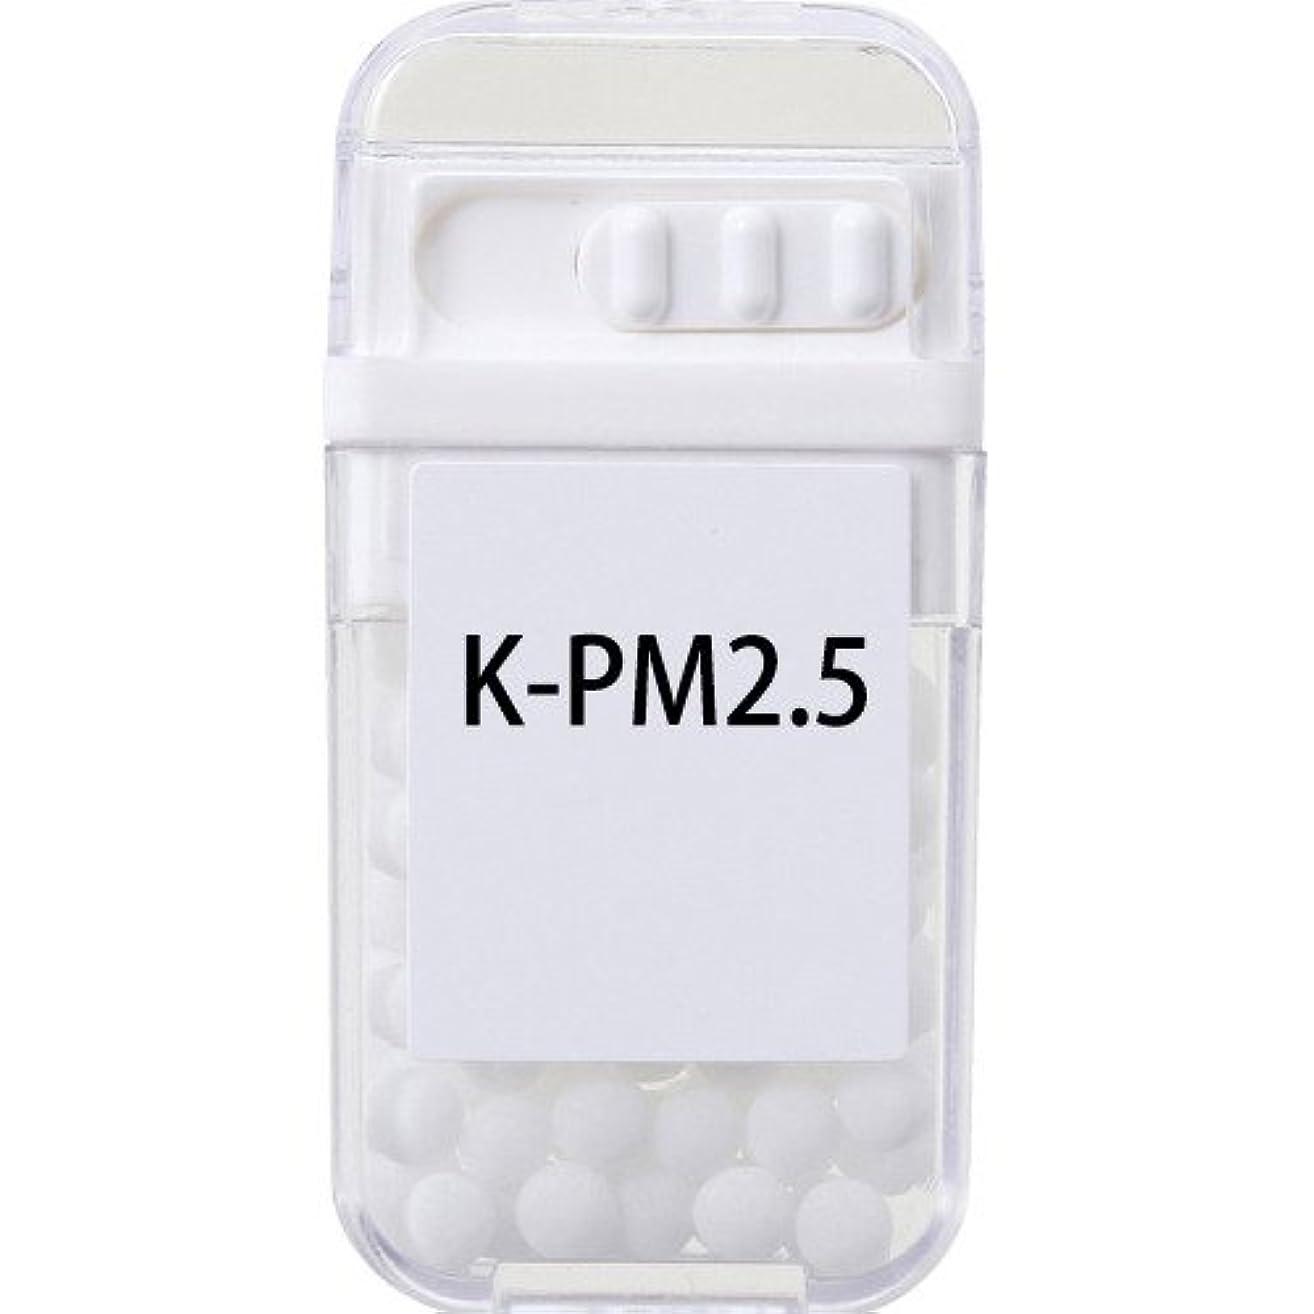 テスト著名なカウントホメオパシージャパンレメディー K-PM2.5  (大ビン)